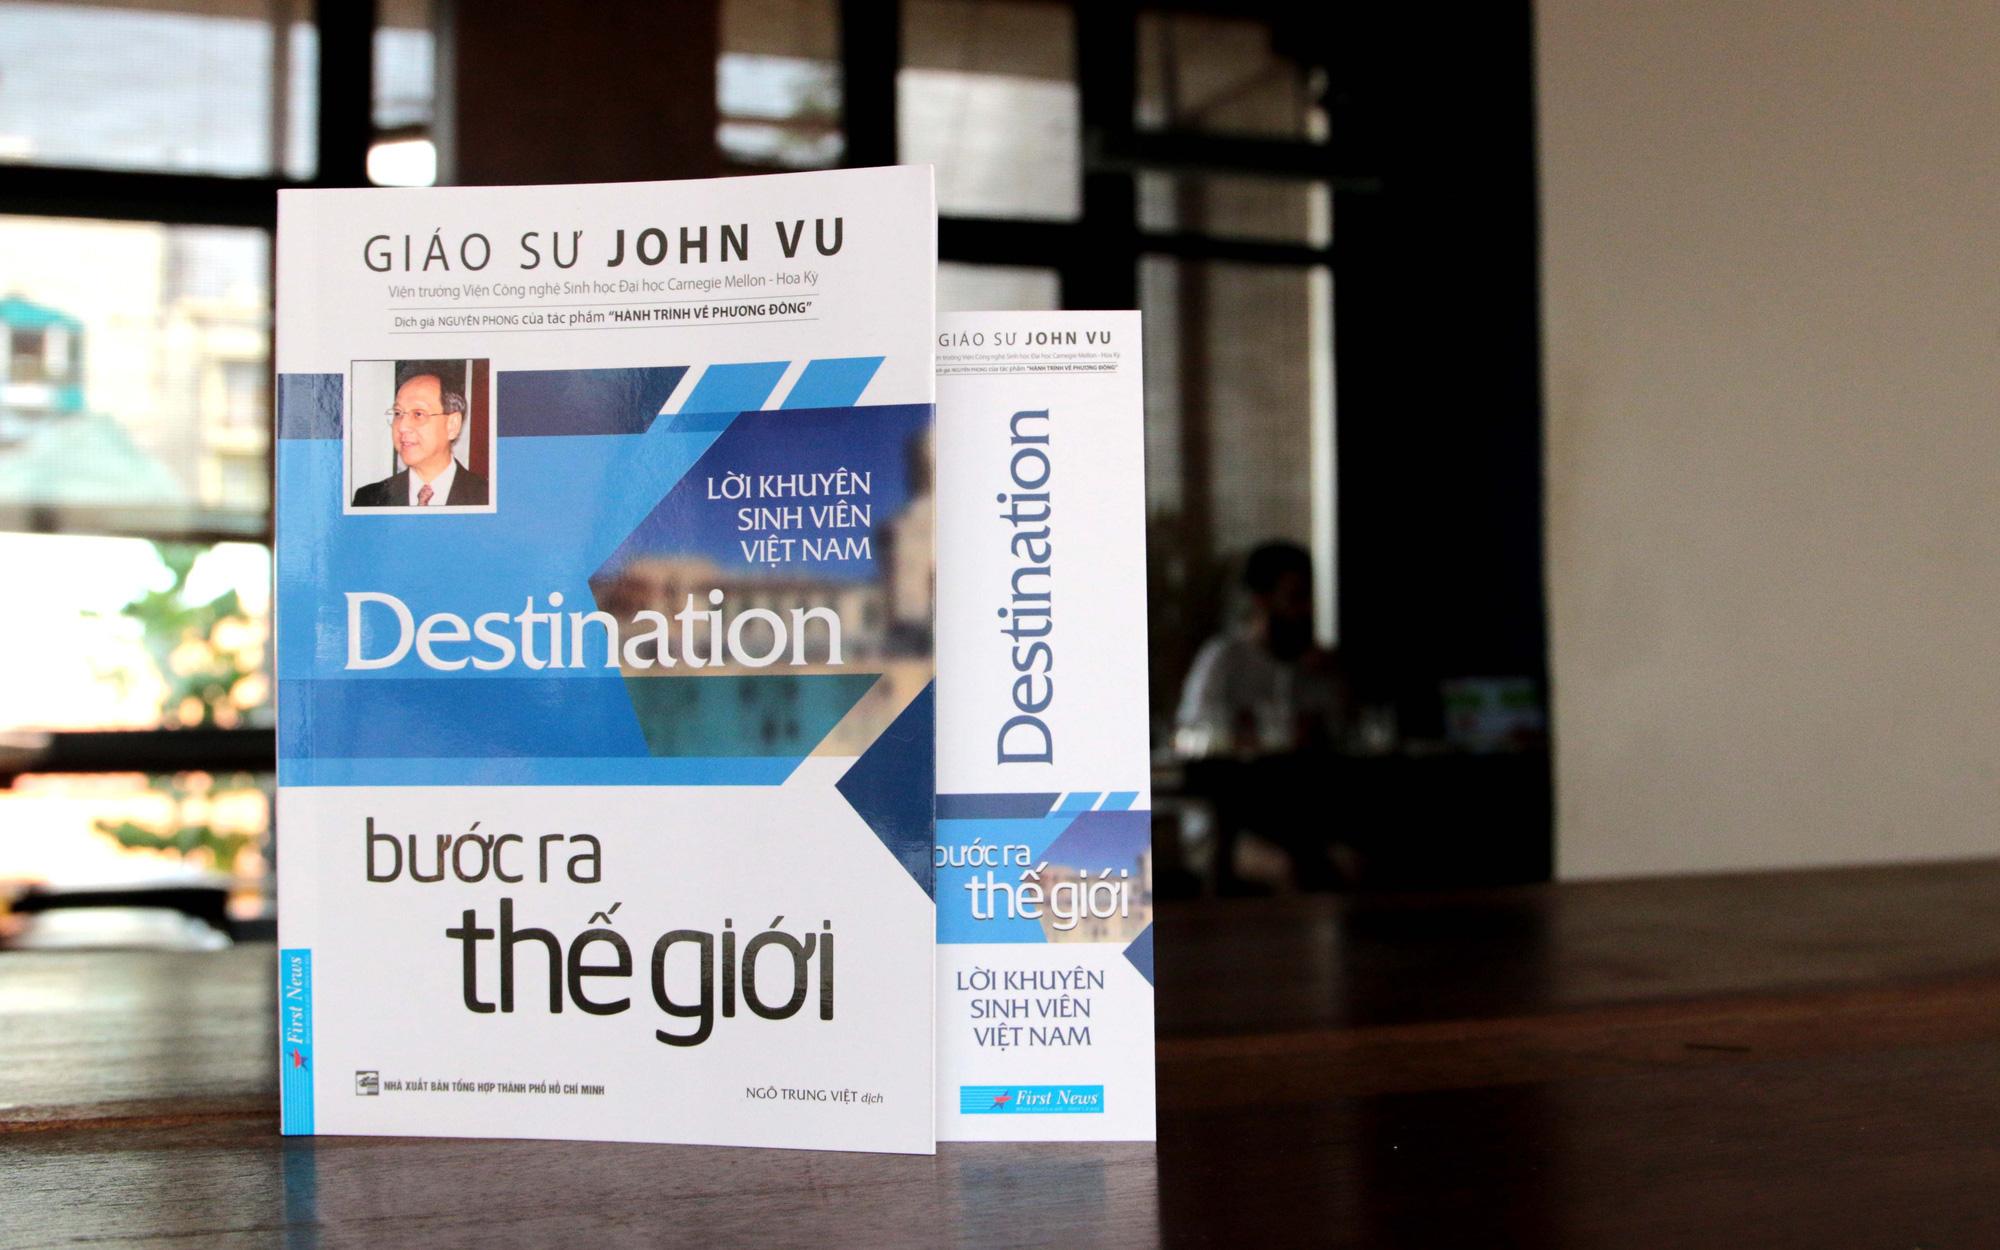 Bước ra thế giới – Lời khuyên của GS. John Vũ dành cho học sinh, sinh viên Việt Nam